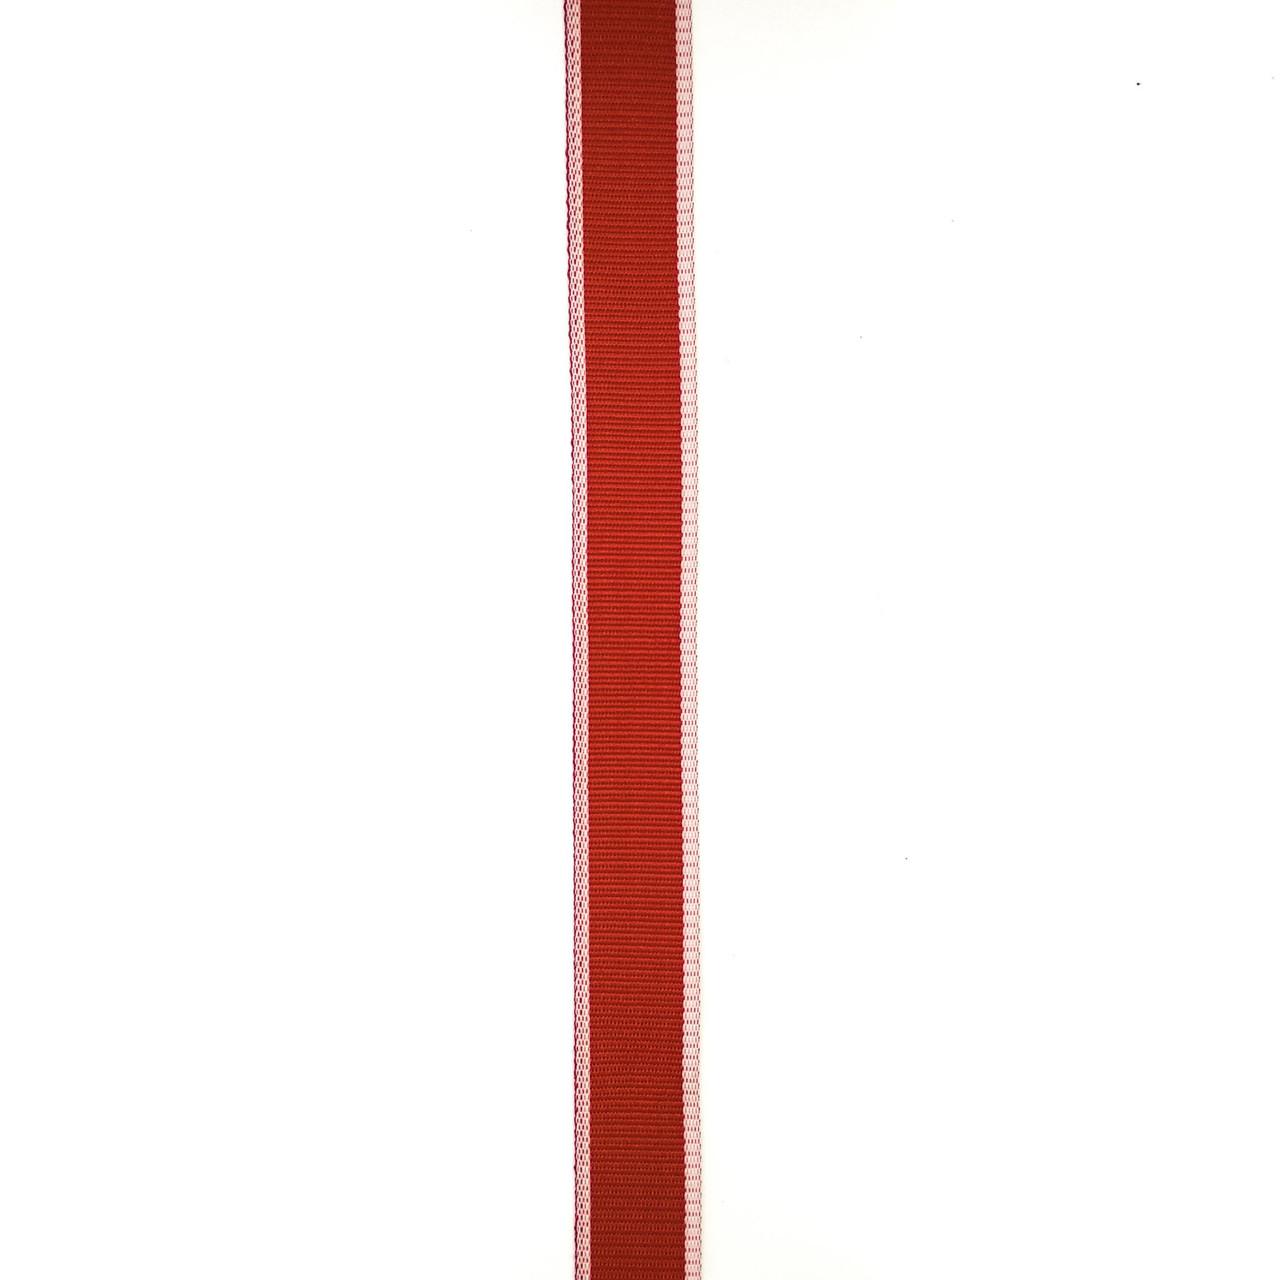 Лента ремешковая 16 мм (50м/рулон)